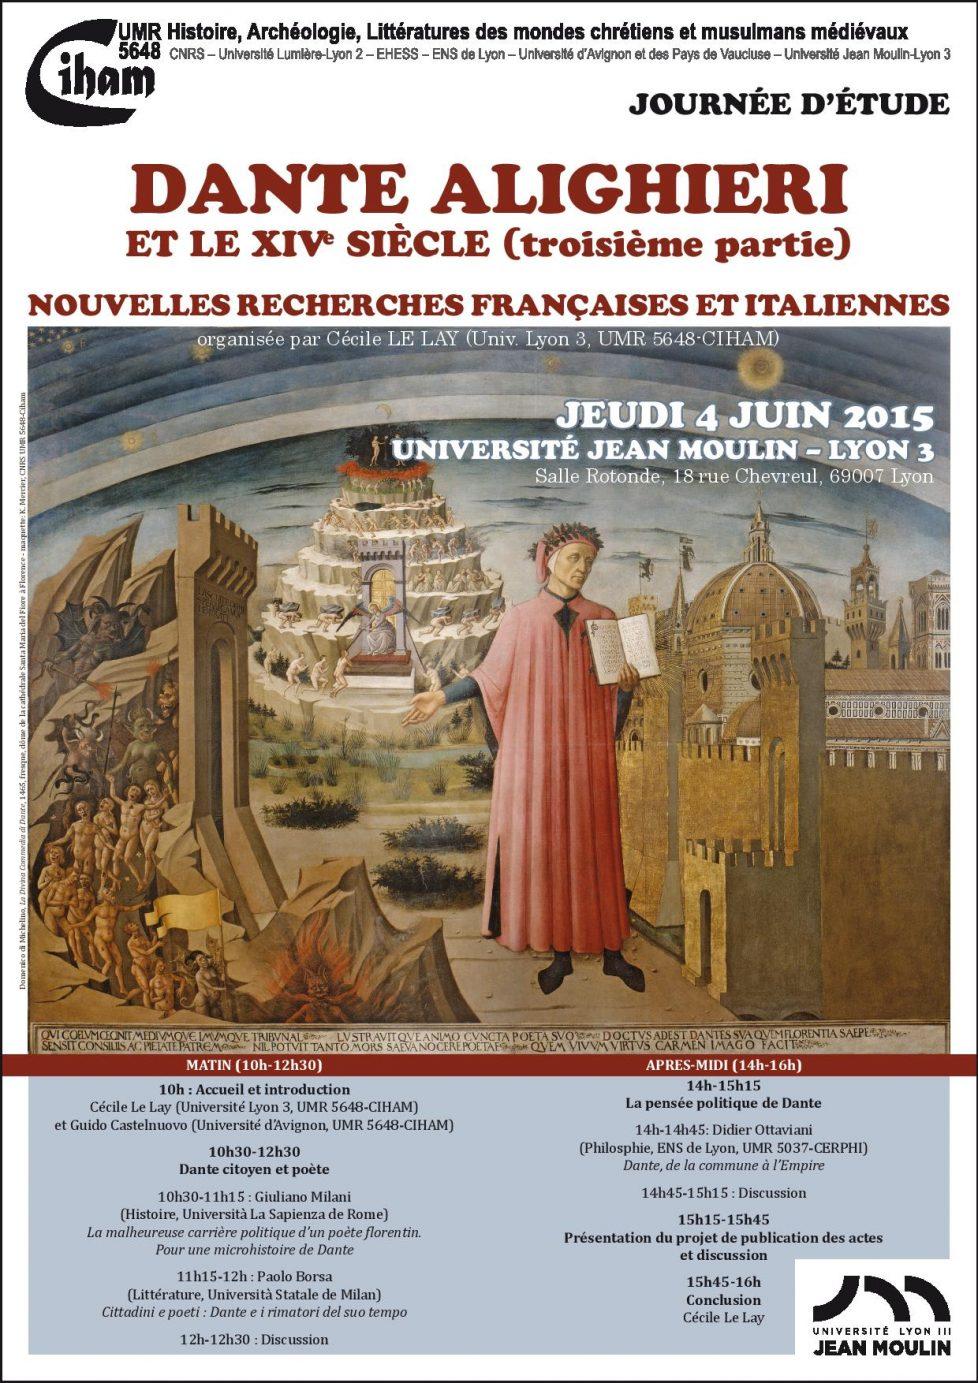 Dante Alighieri et le XIVe Siècle